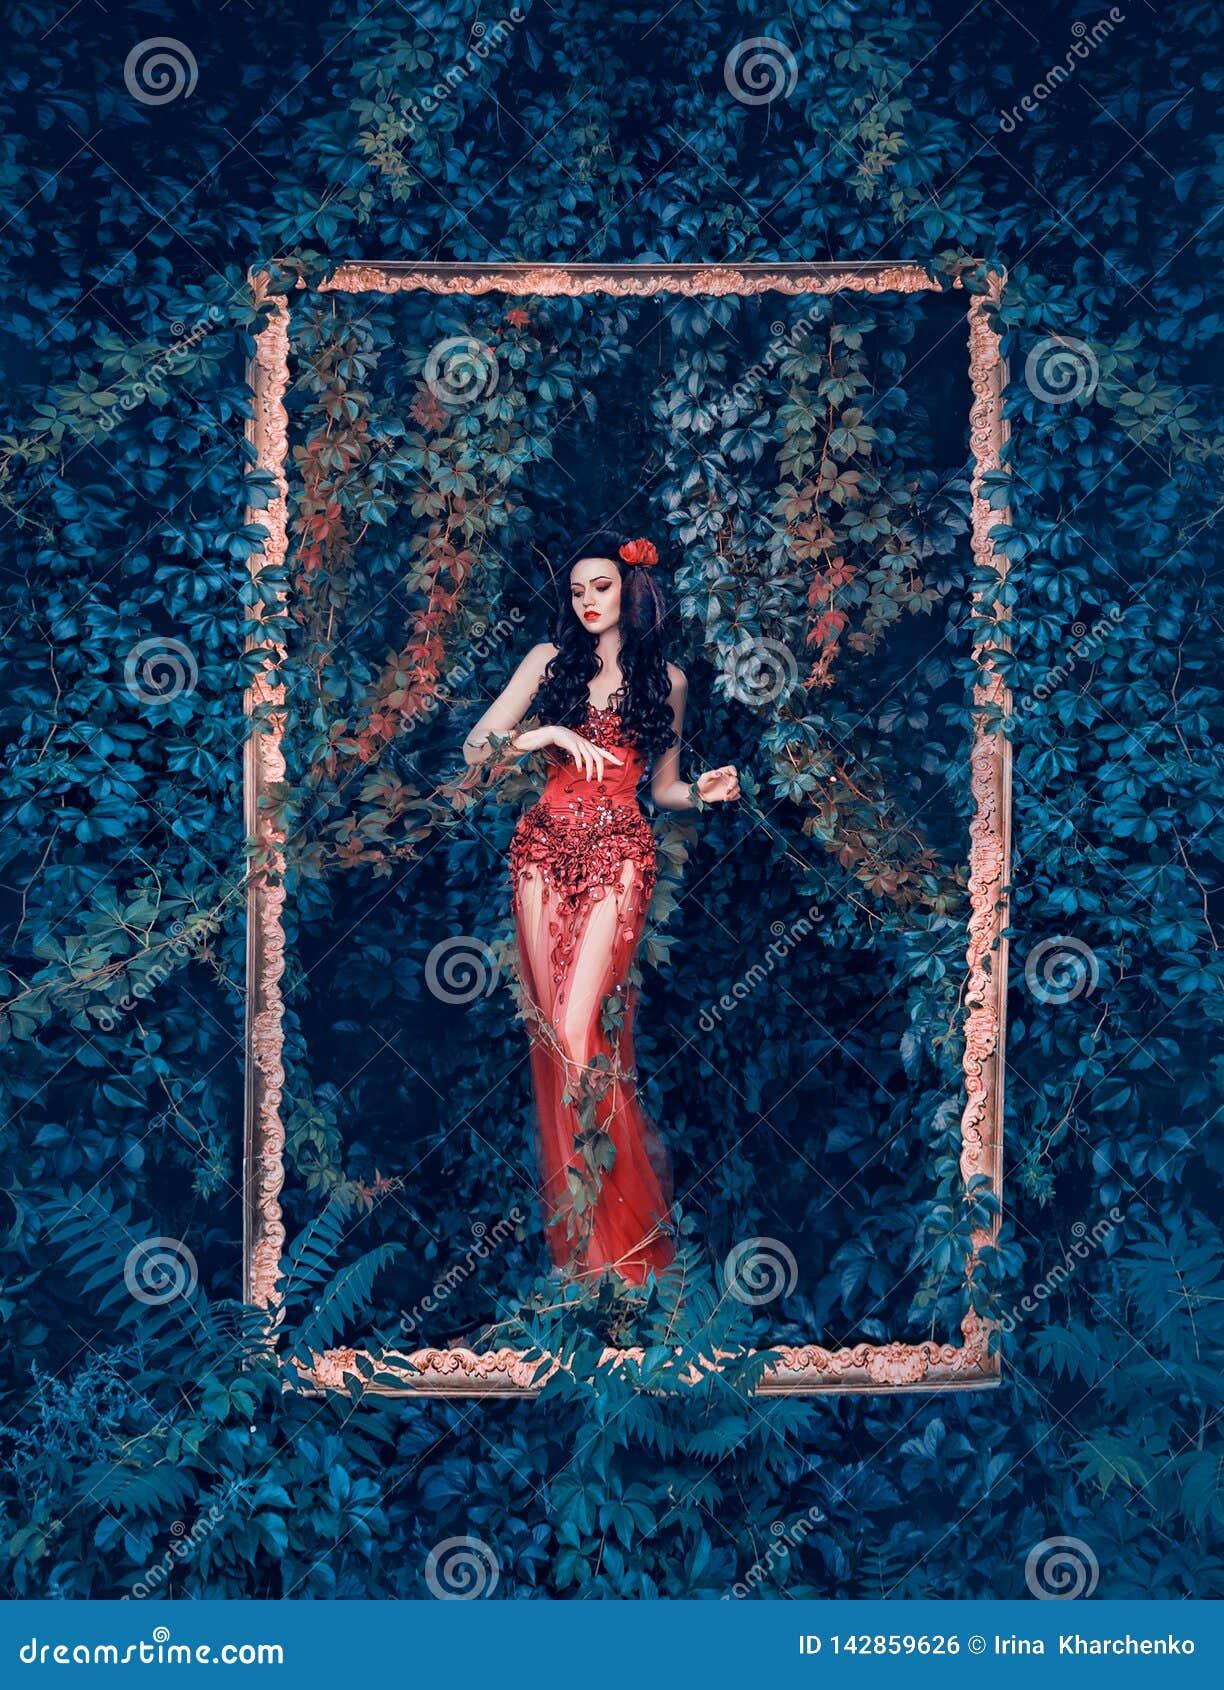 De geheimzinnige godin van bos en aard komt uit haar tuin in elegante rode kleding met lange transparante trein en bloemen